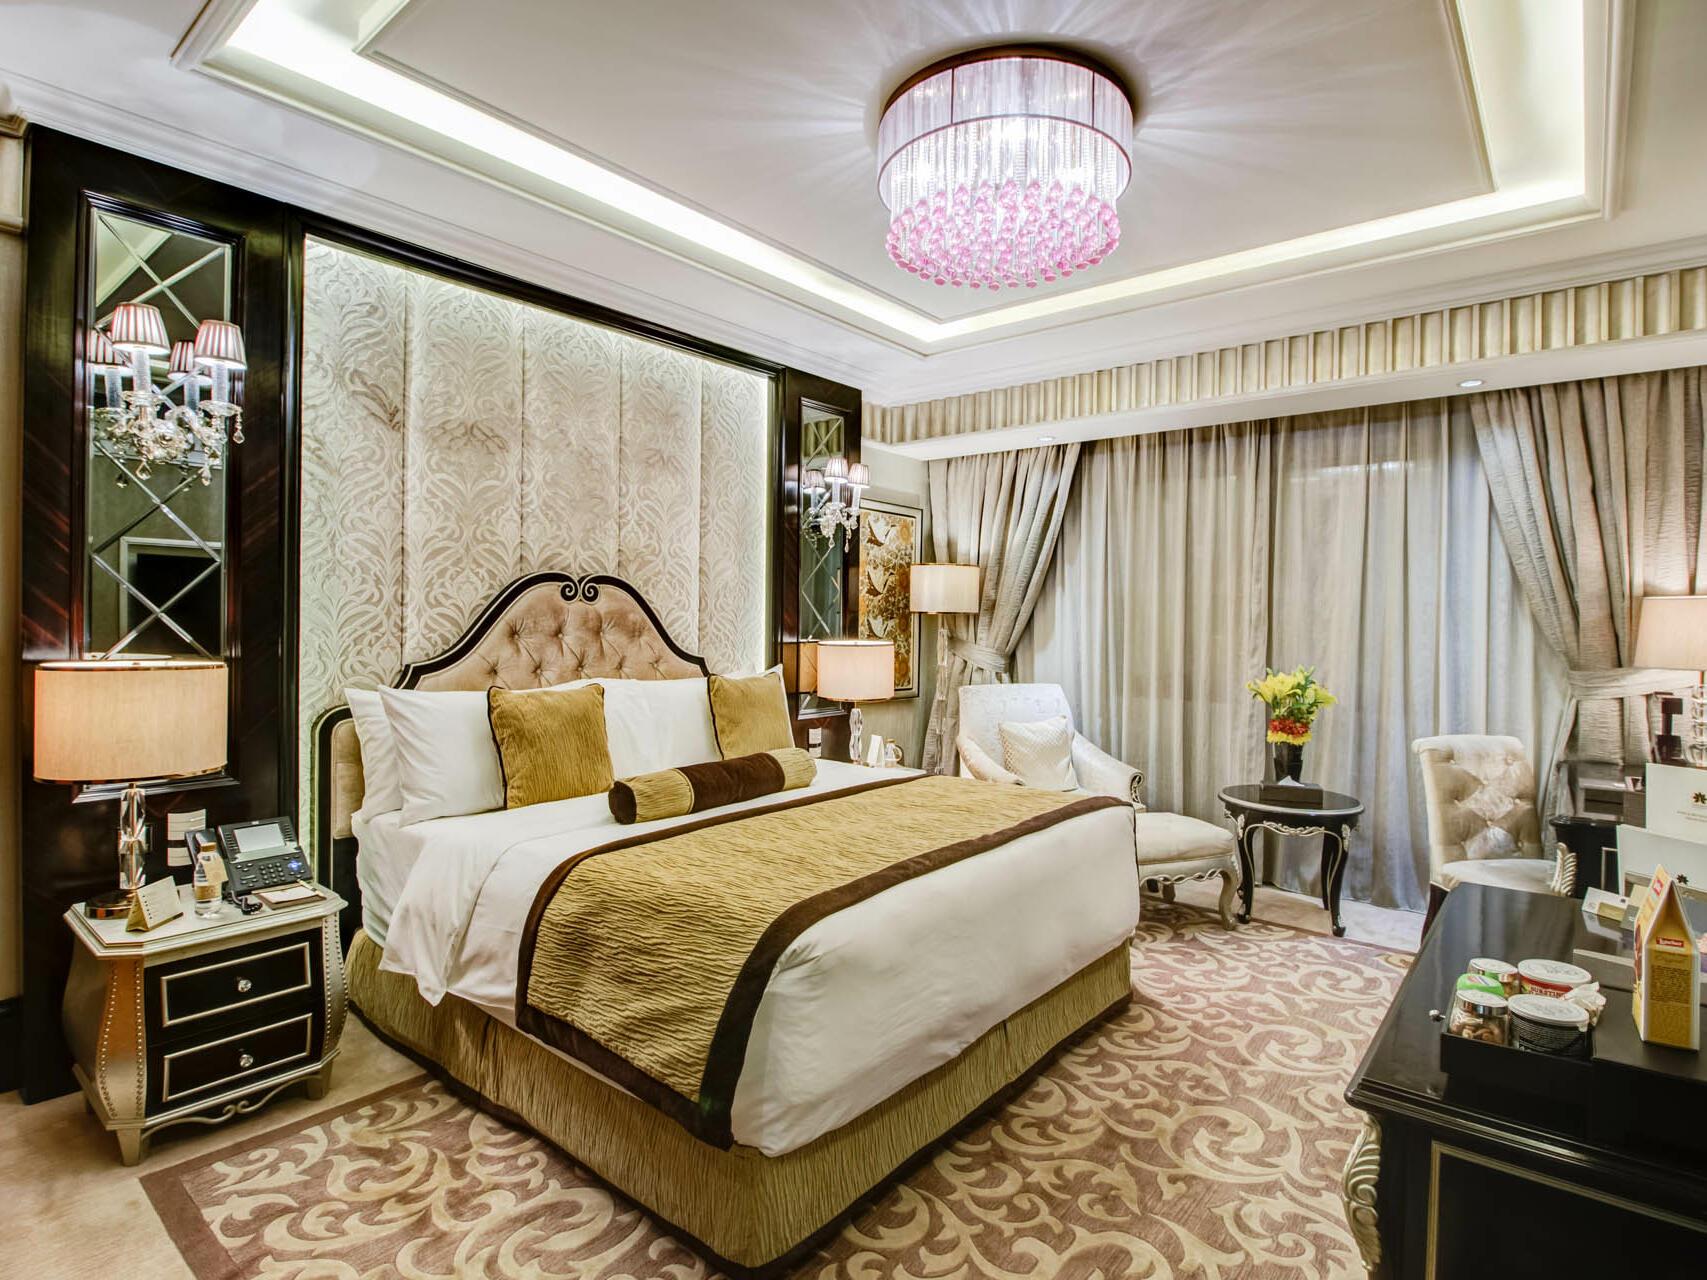 Superior Room at Narcissus Hotel & Spa Riyadh